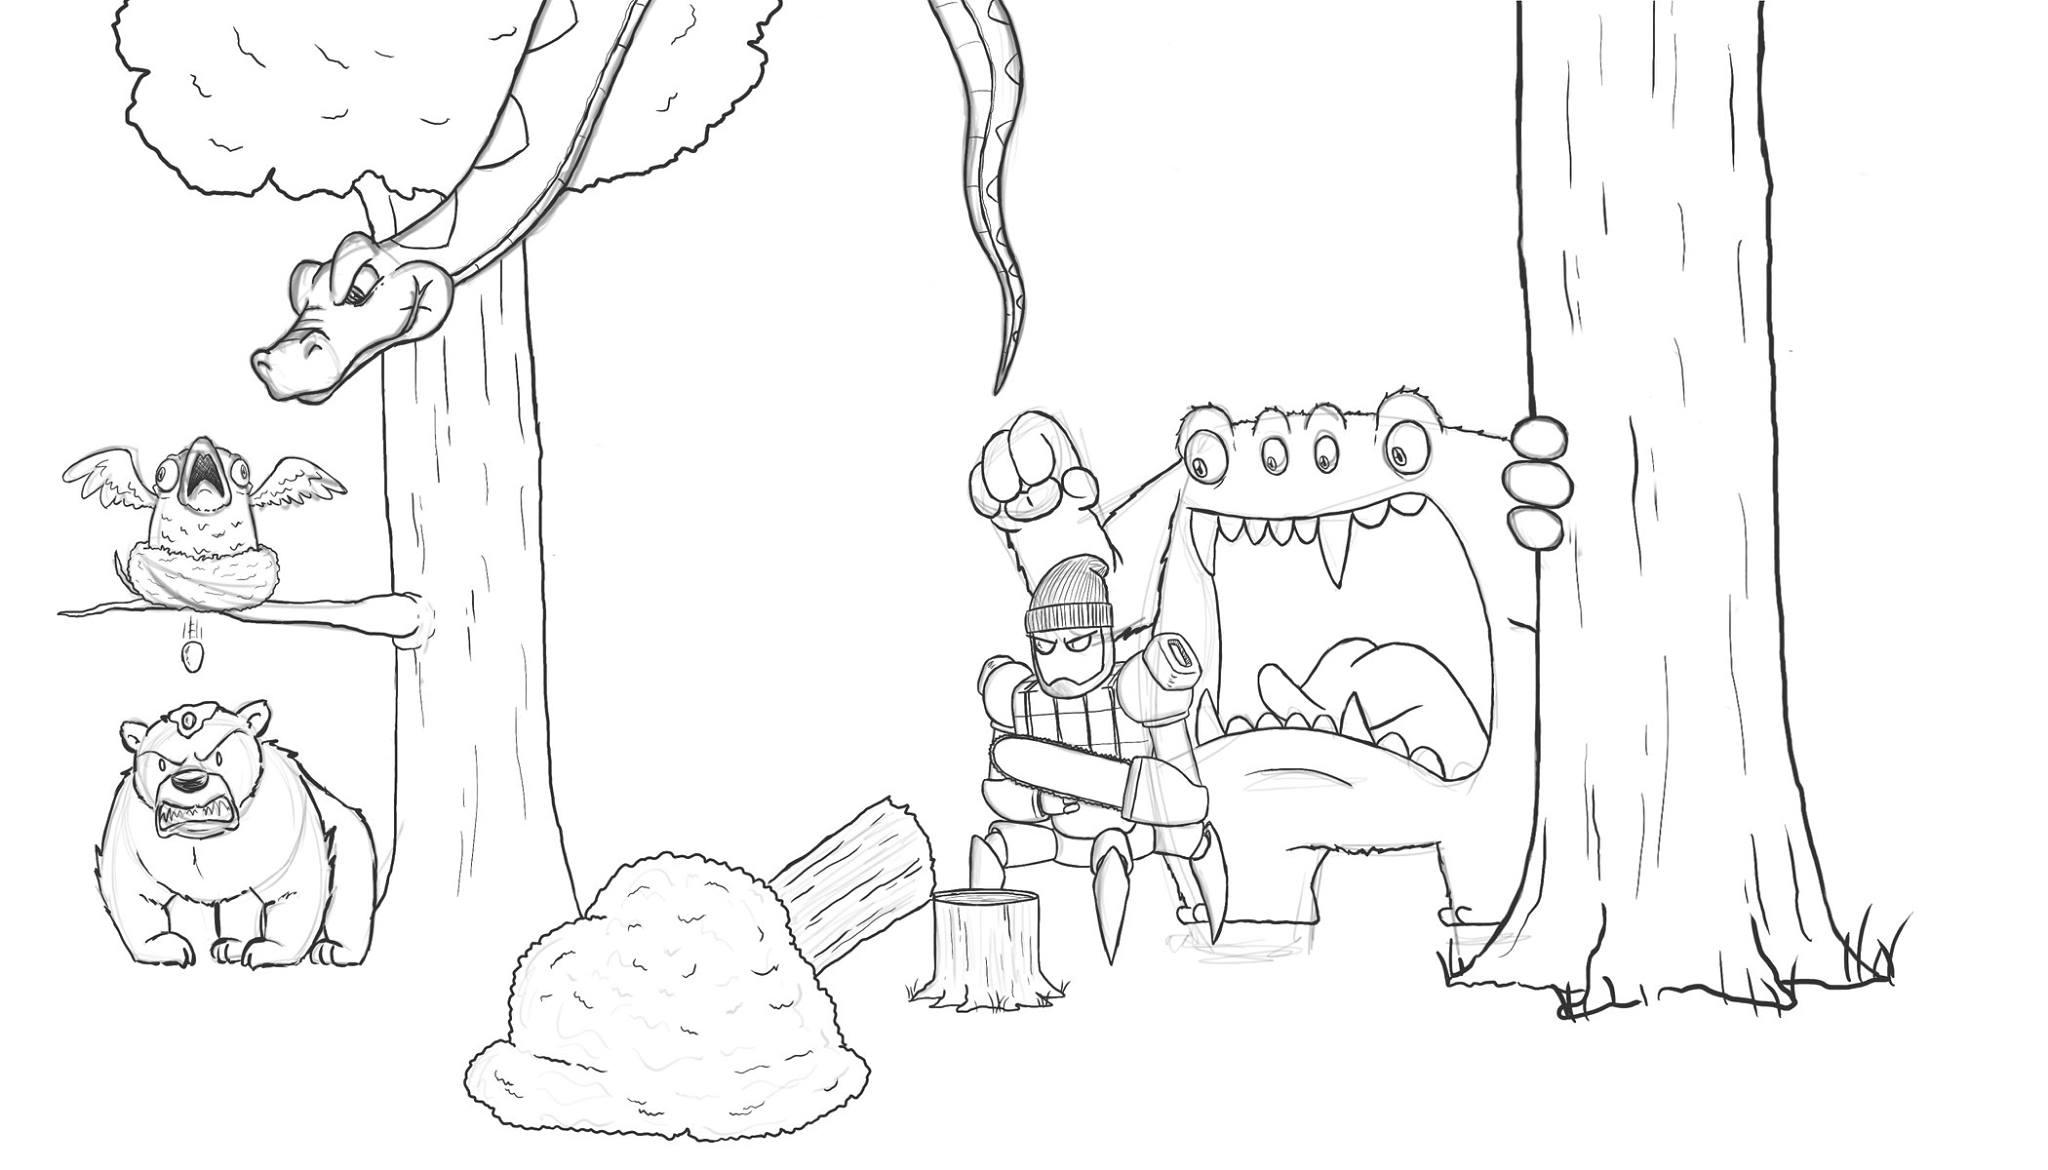 Artista passa um mes acrescentando um personagem por dia em seu desenho 6